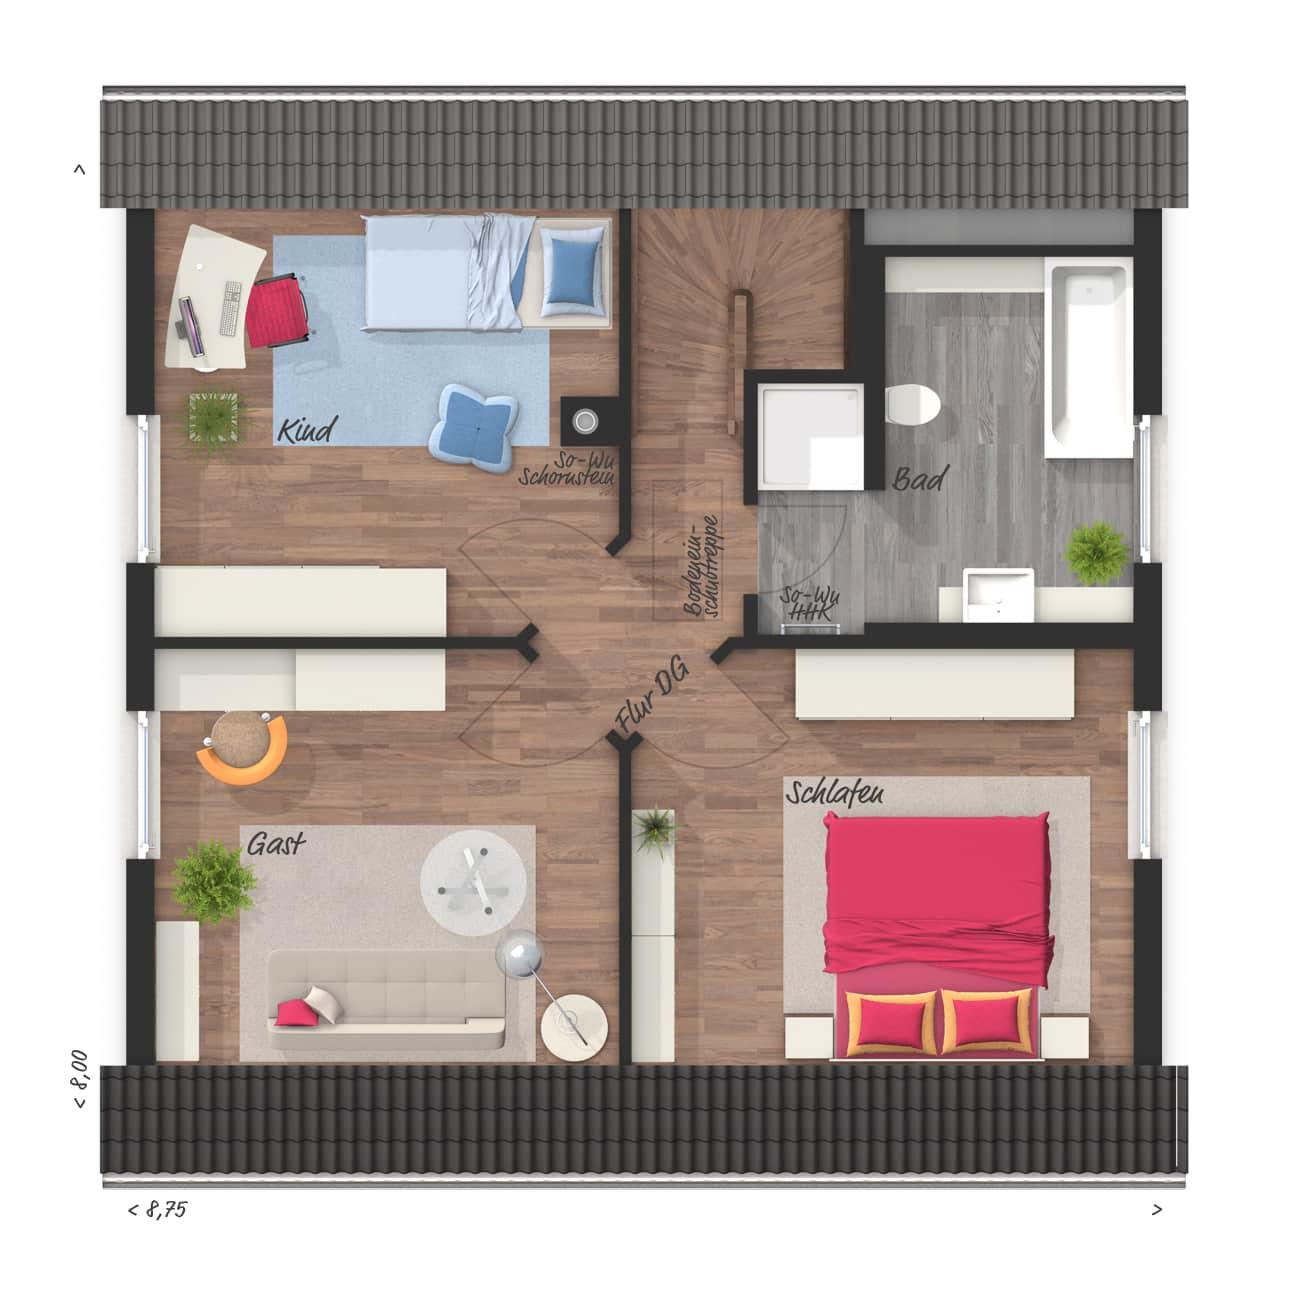 Grundriss Einfamilienhaus Obergeschoss mit Satteldach - Massivhaus Raumwunder 100 Süd von Town & Country Haus - HausbauDirekt.de